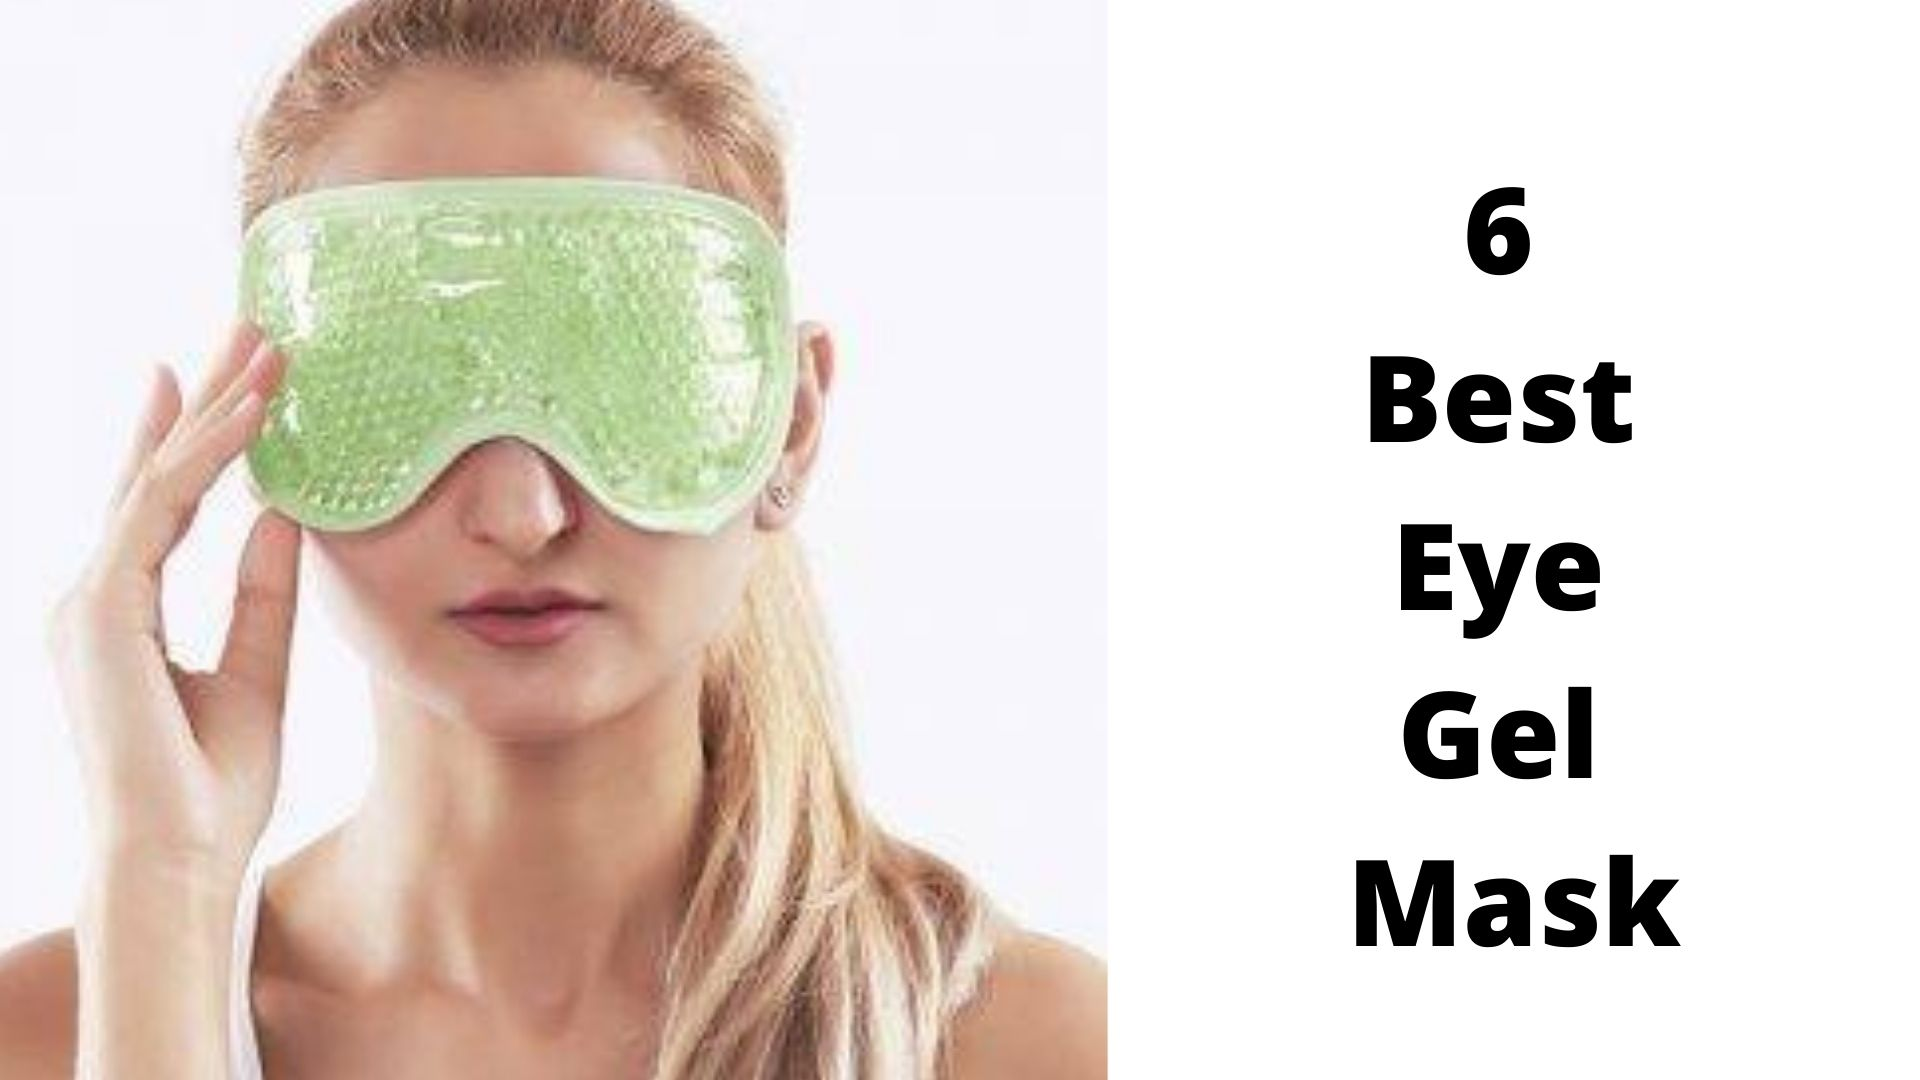 Eye Gel Mask